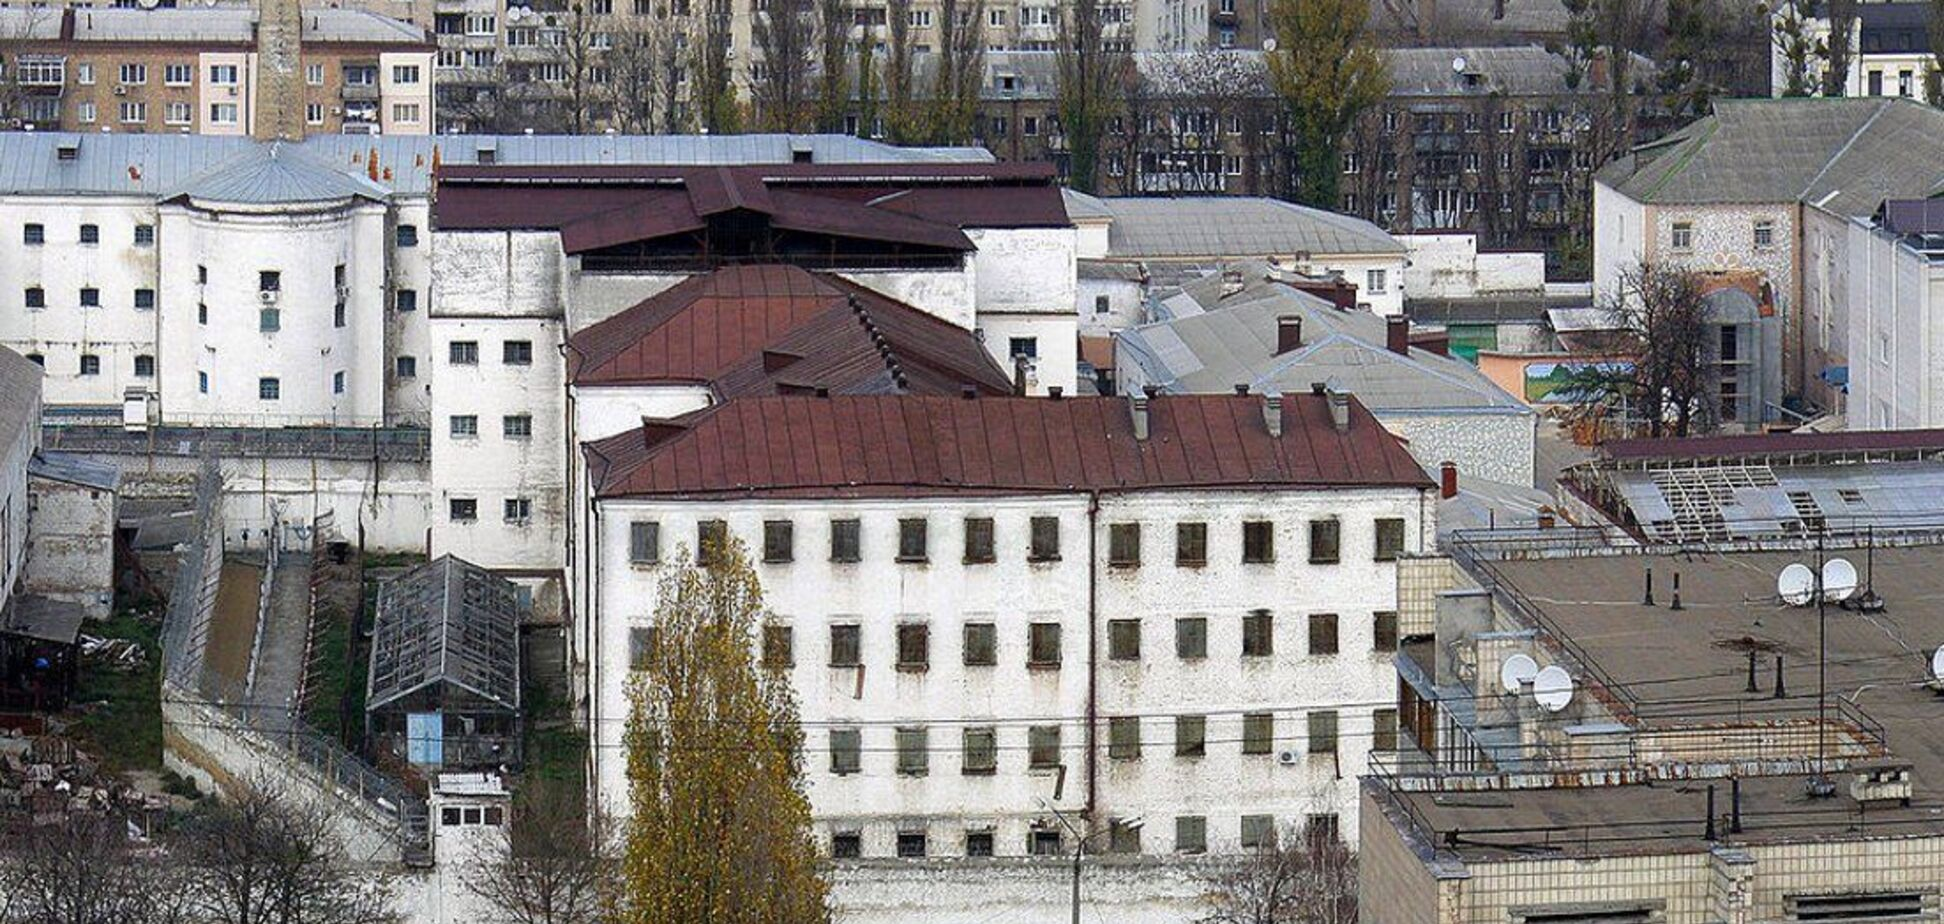 Співробітників Лук'янівського СІЗО звинуватили у катуваннях ув'язнених: там виправдалися